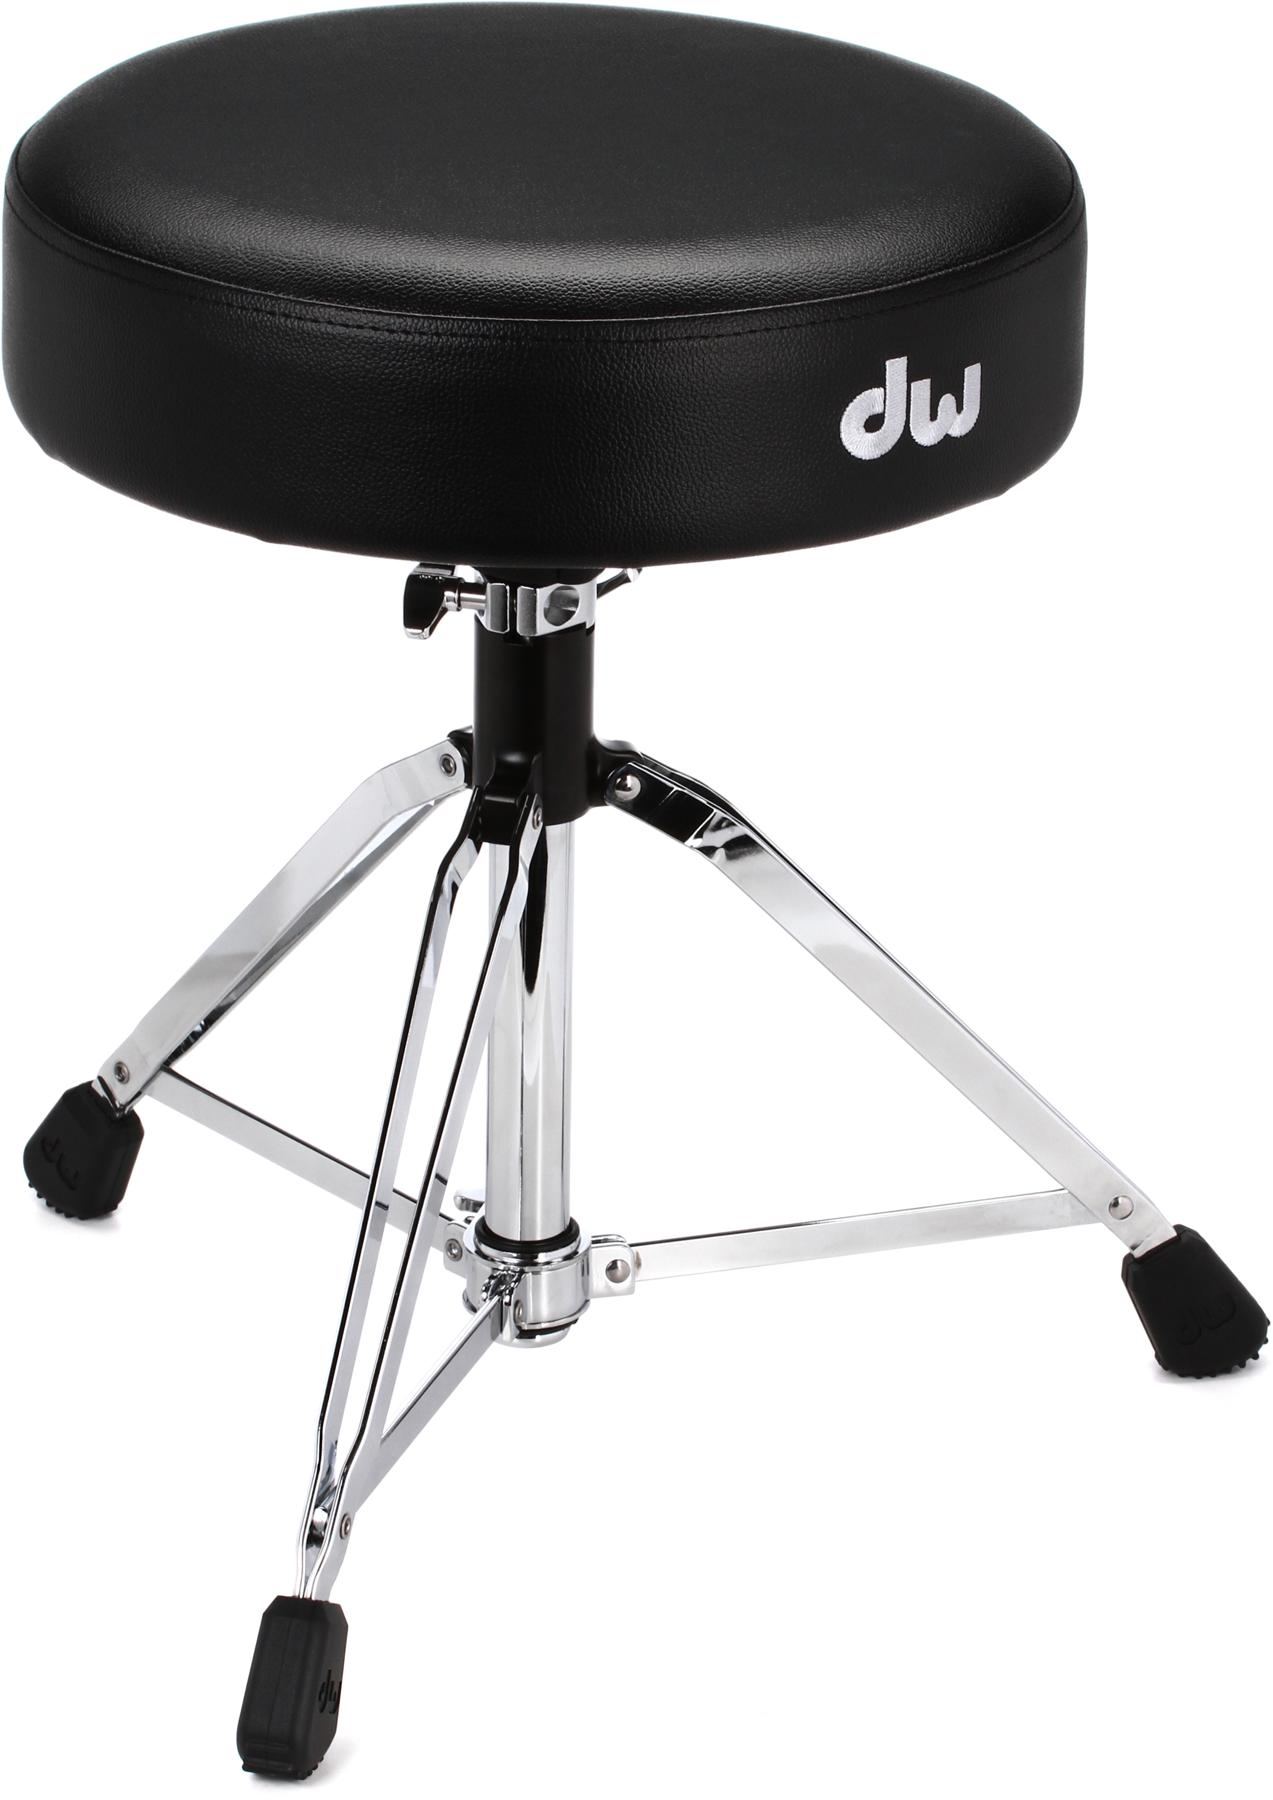 4. DW Drum Workshop CP9100M